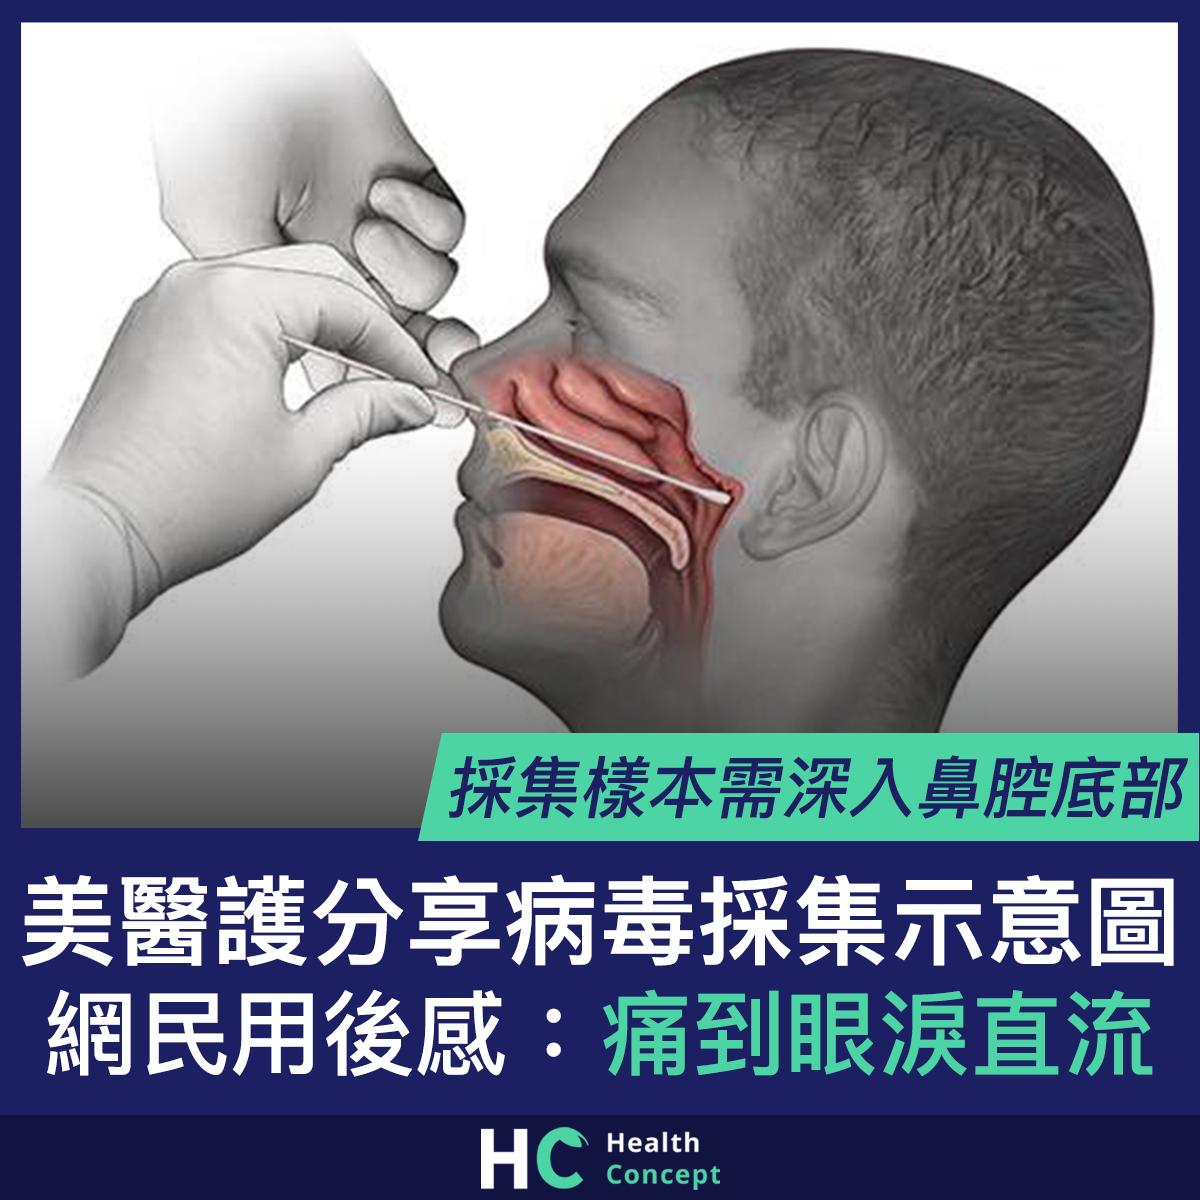 【#武漢肺炎】美醫護分享病毒採集示意圖 網民用後感:痛到眼淚直流